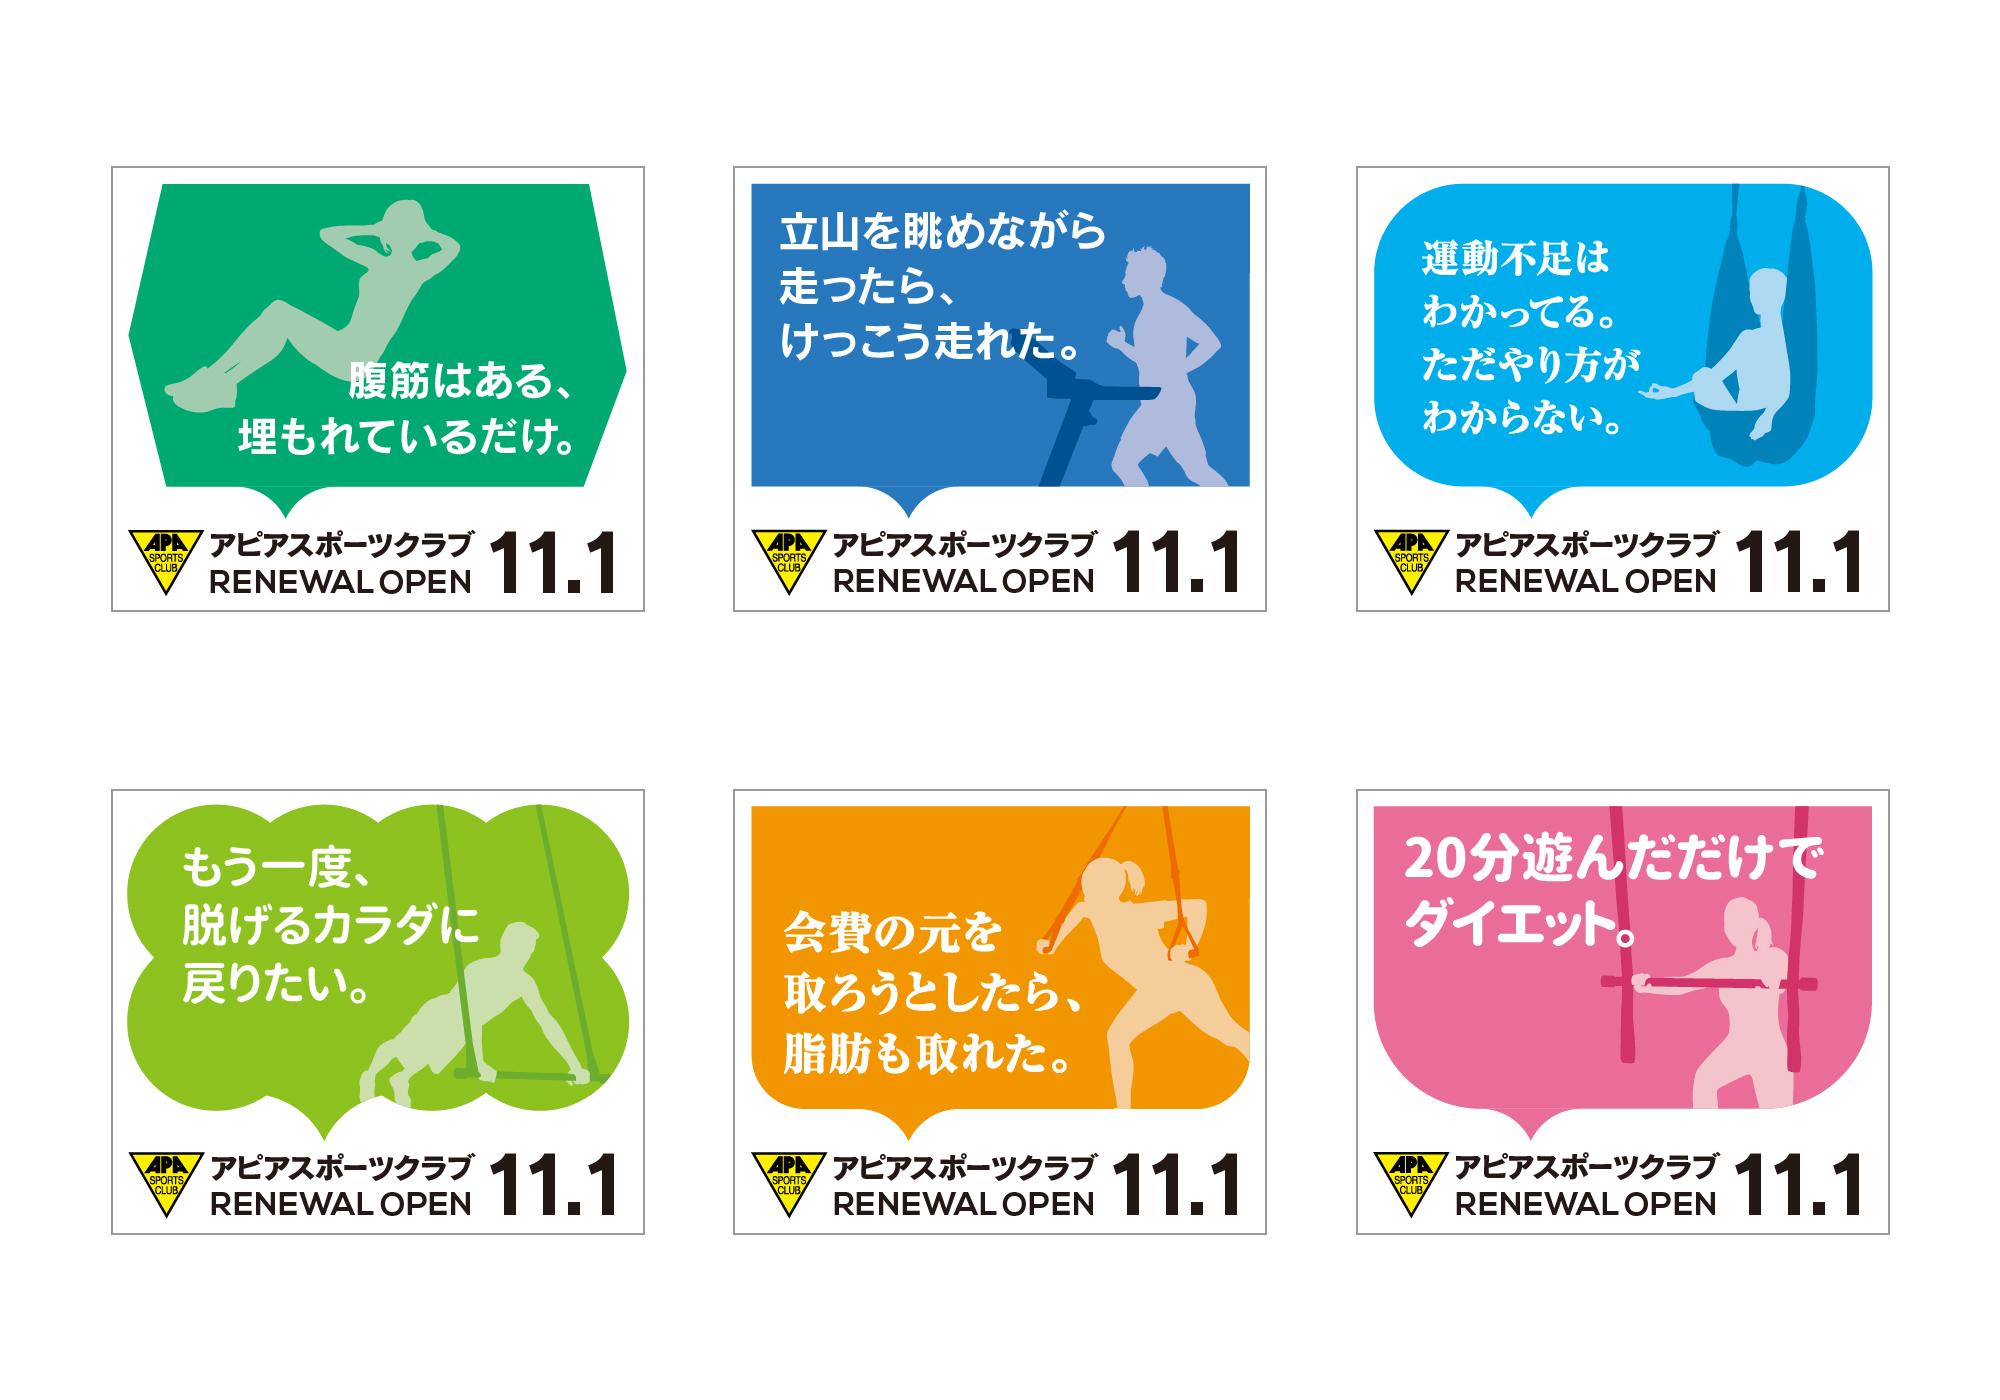 アピアスポーツクラブ WEB広告